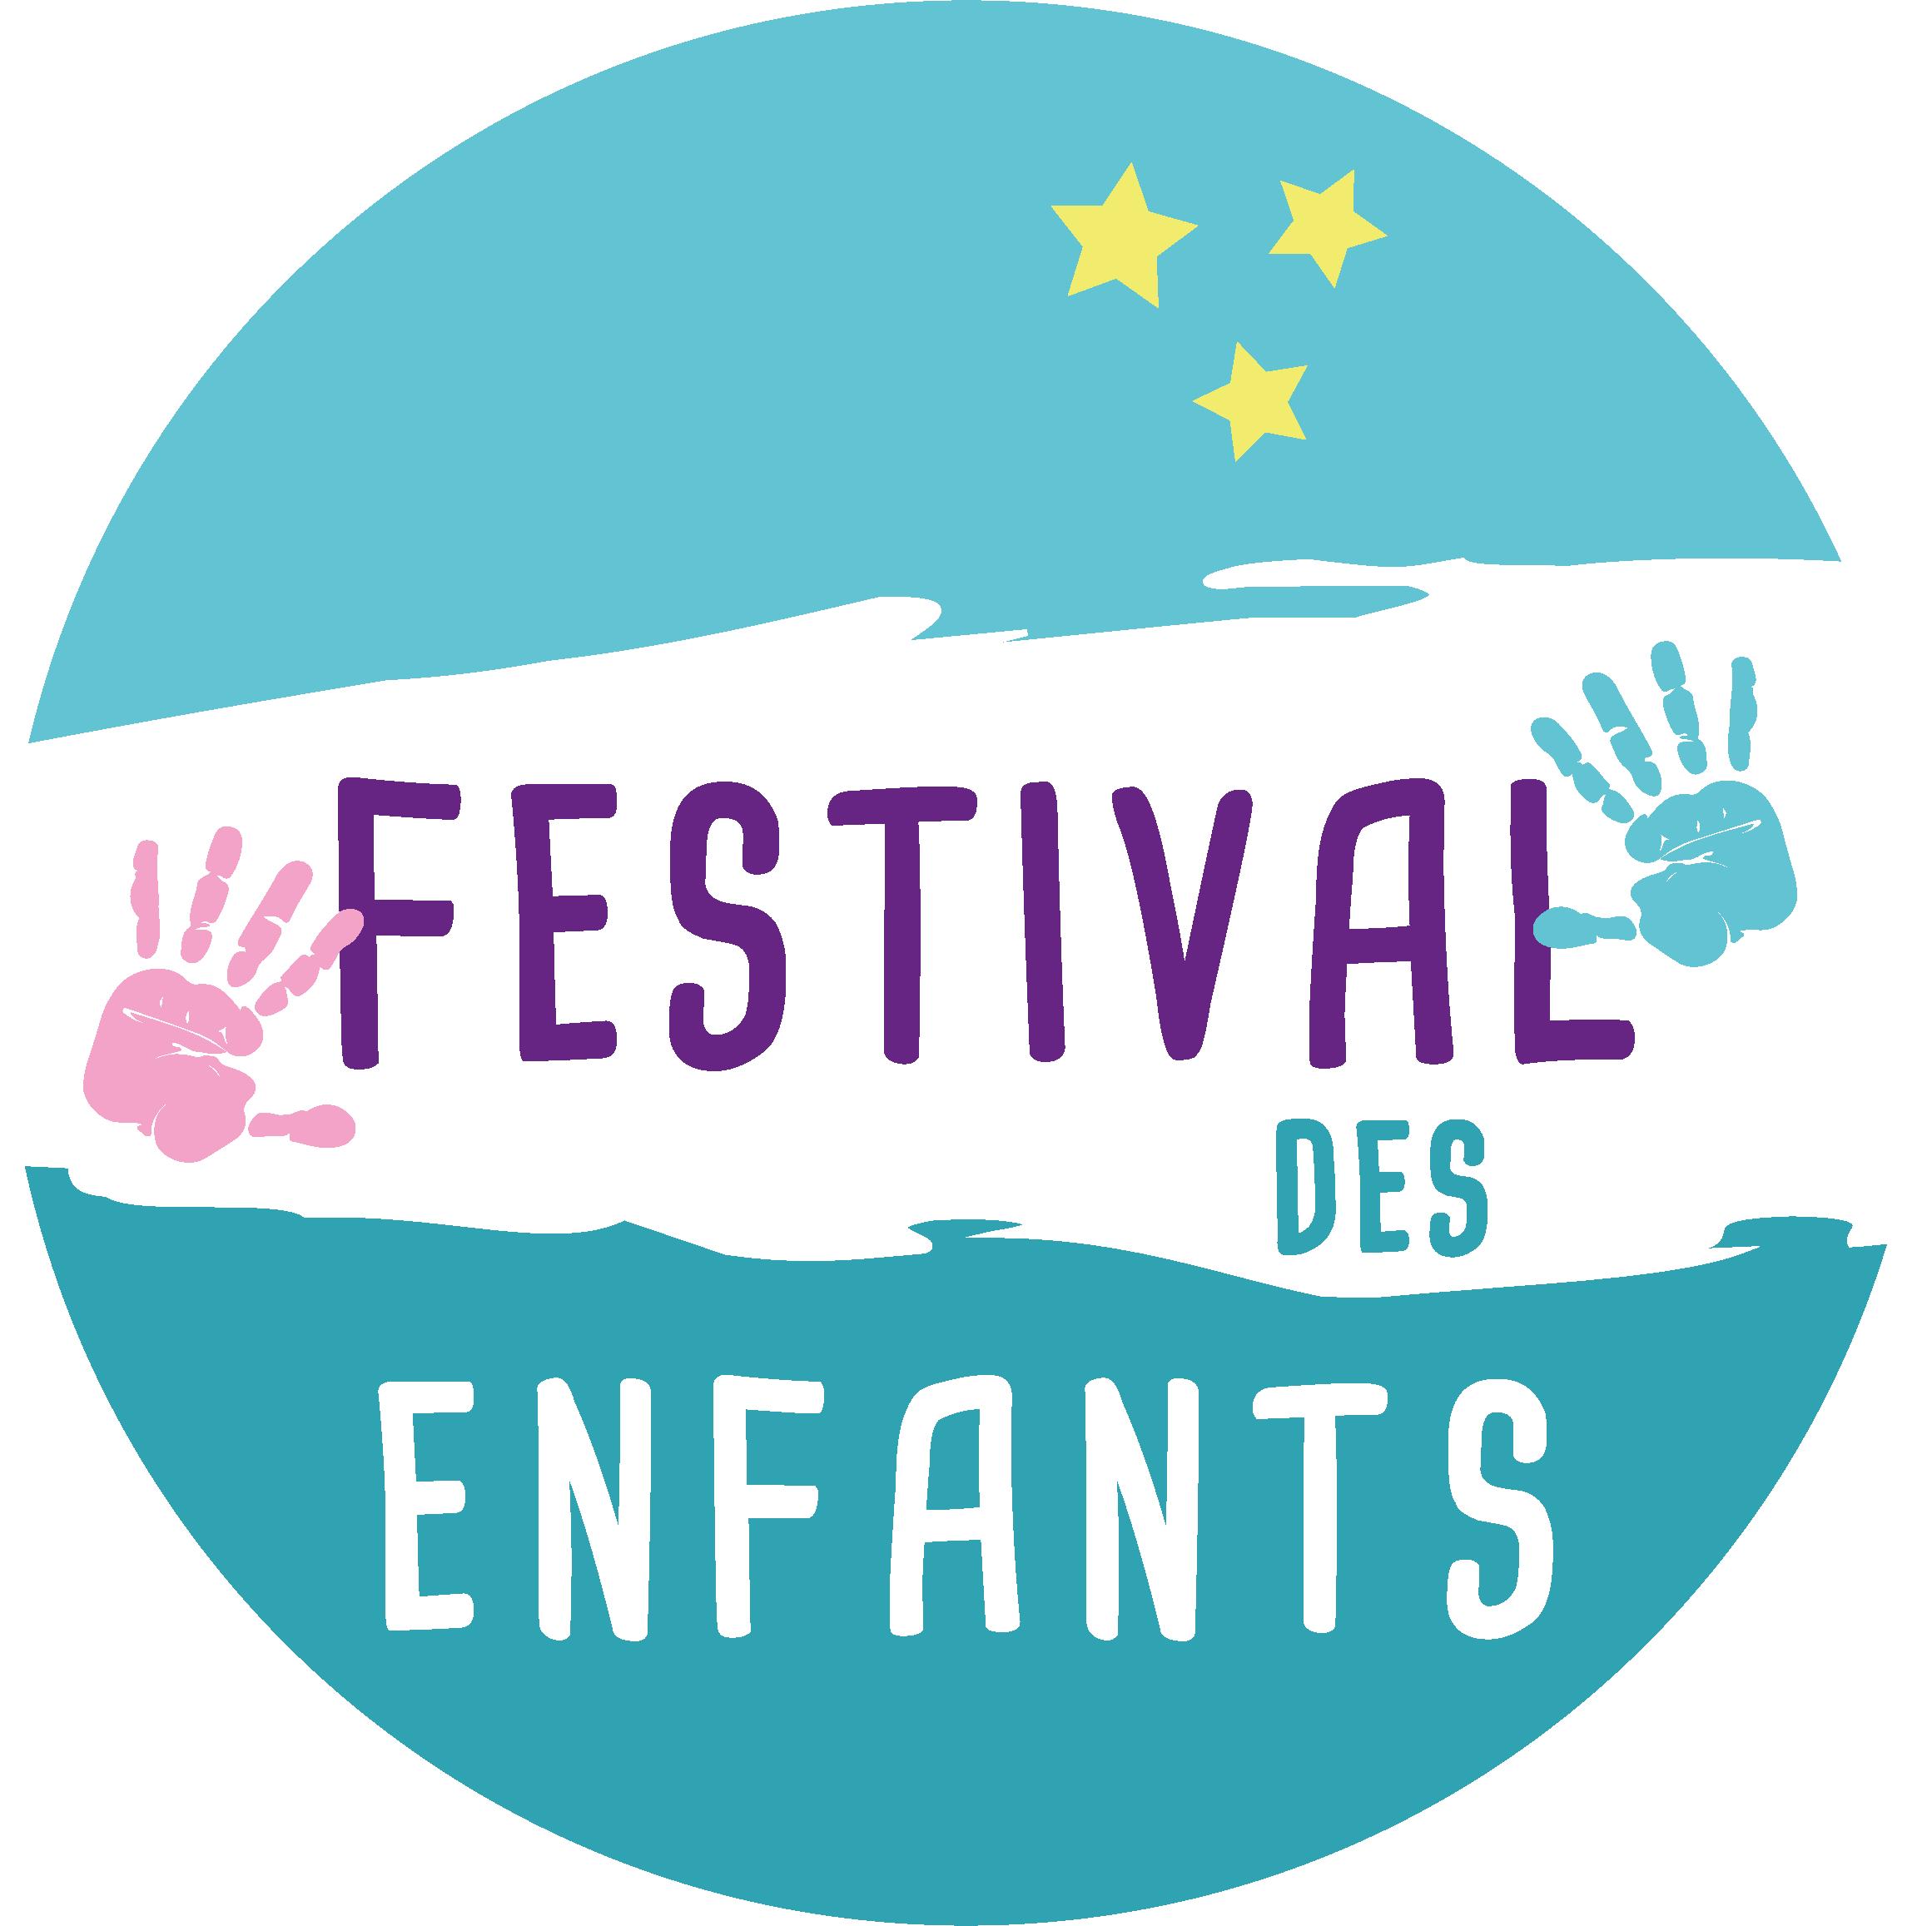 festival des enfants - Les Automnales - Palexpo - Genève